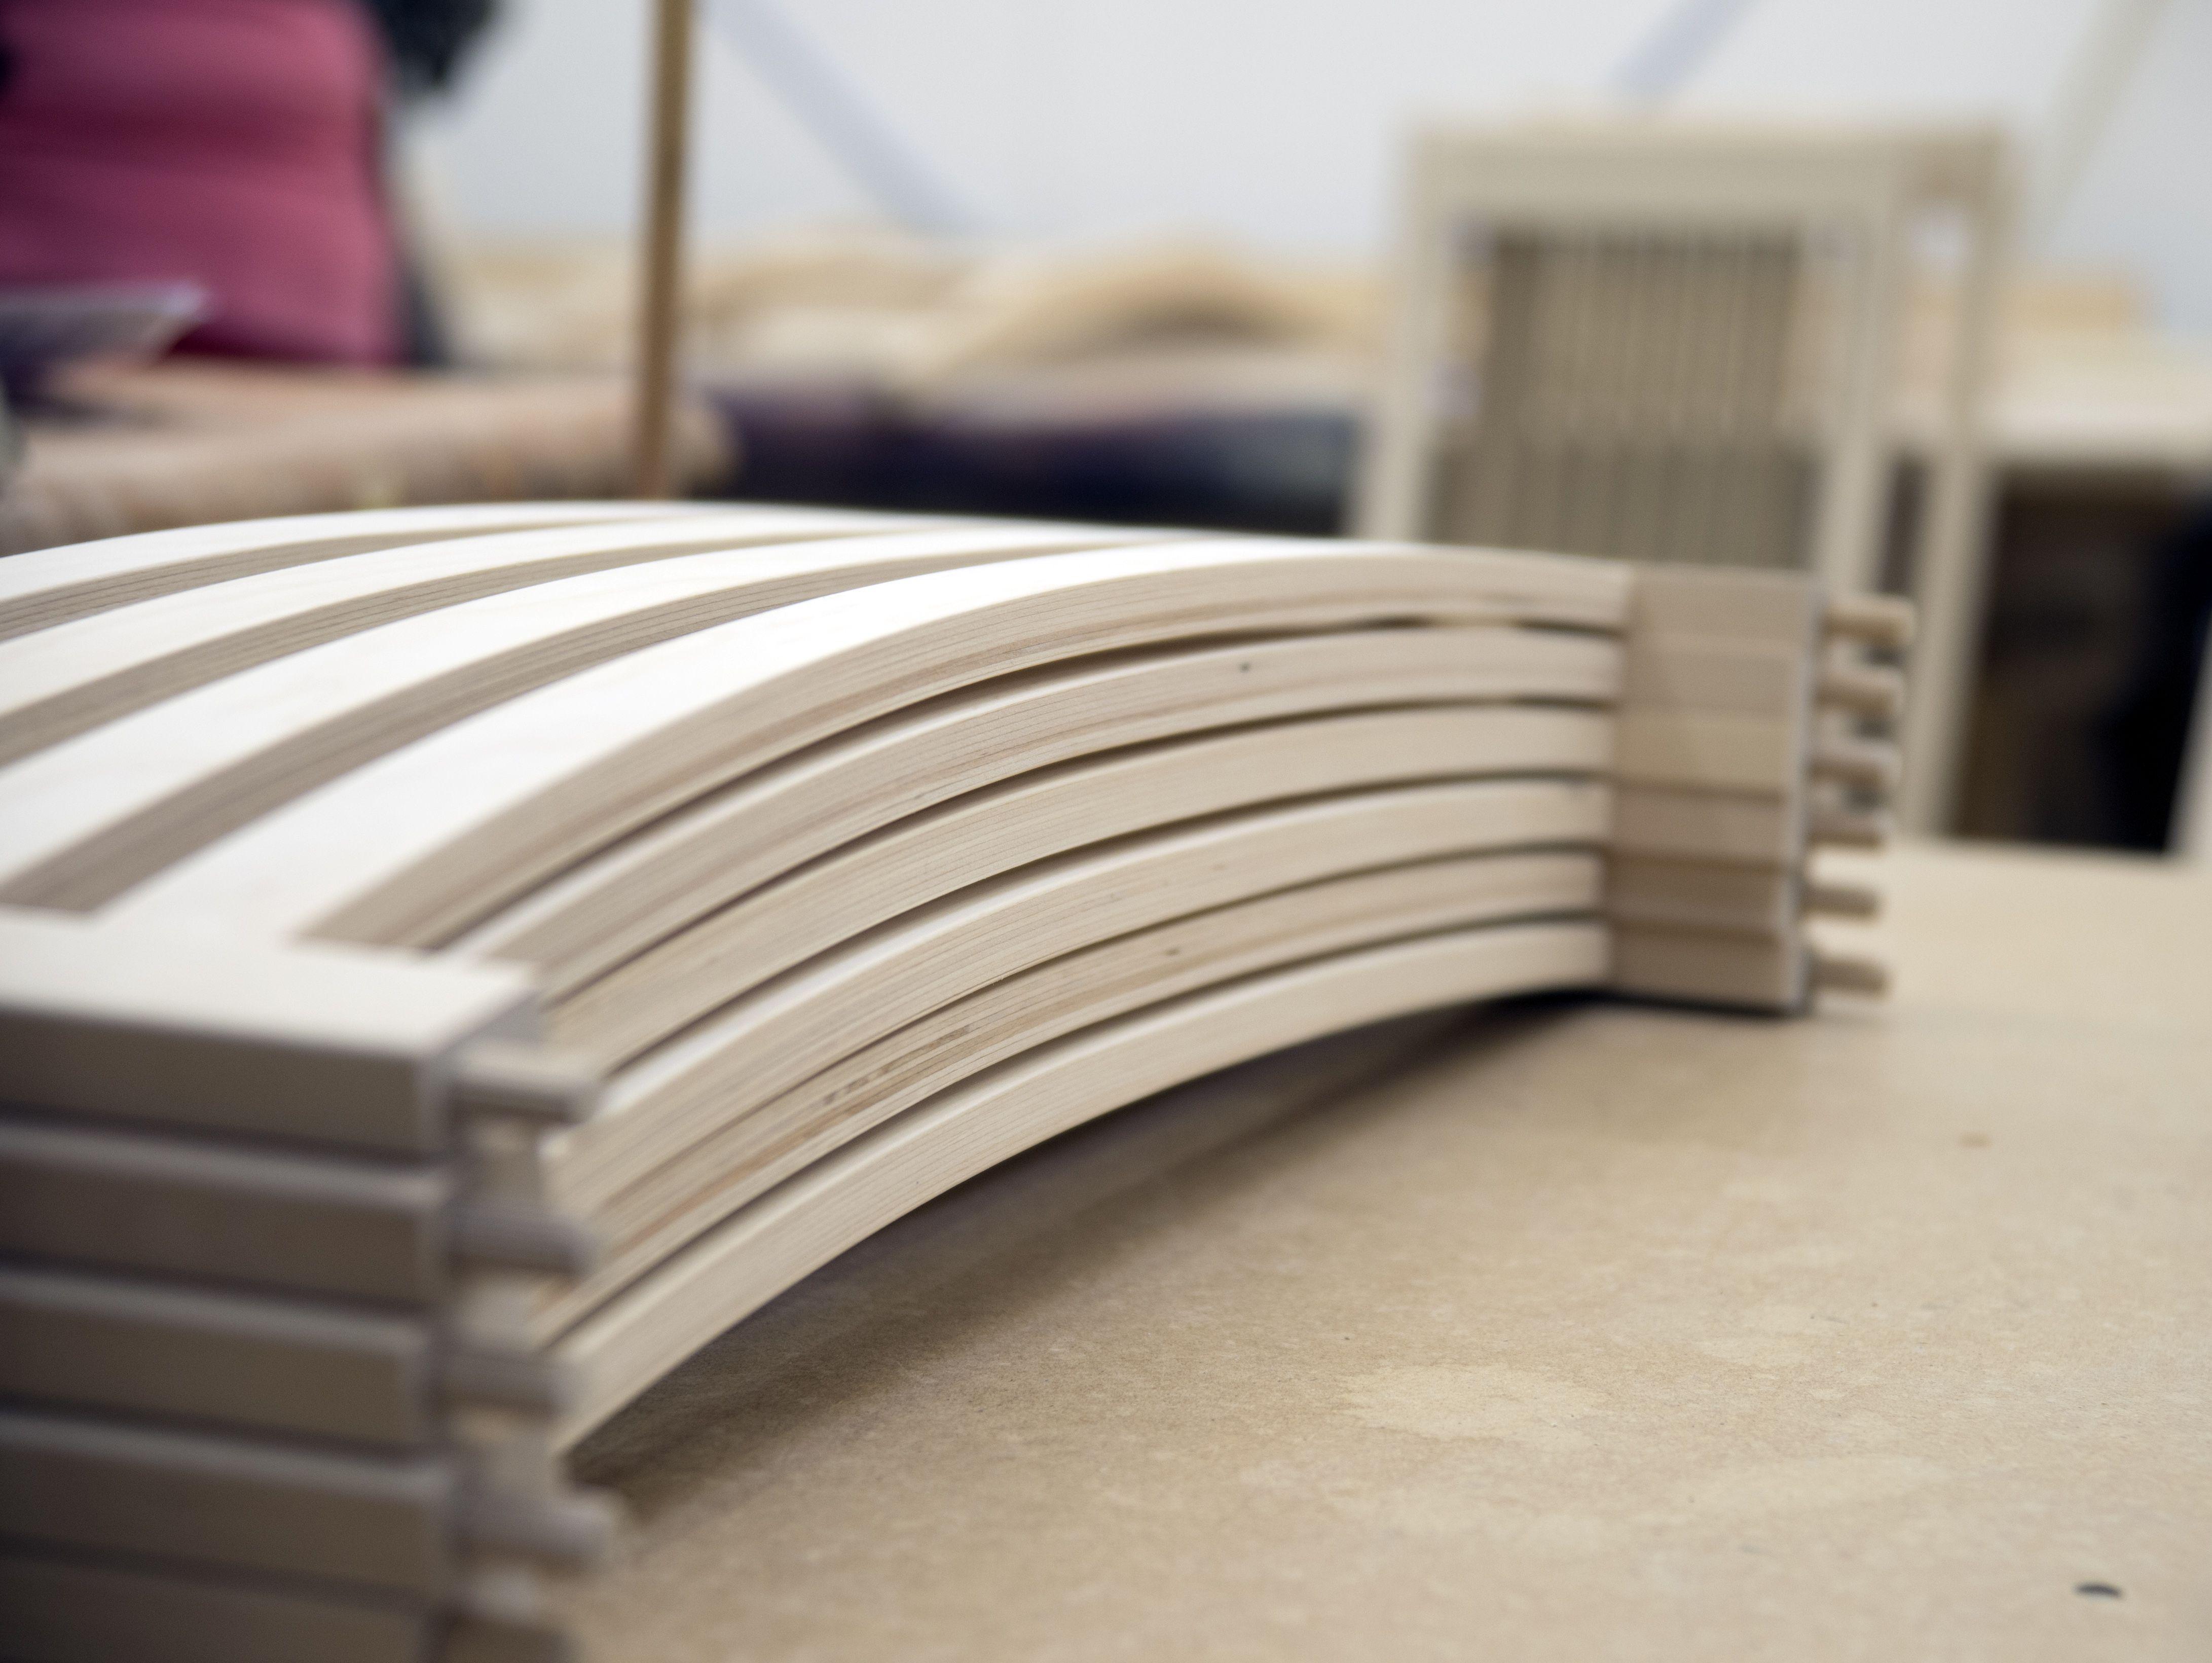 Työvaihe: Ruokatuolin selkänojan valmistus   Craft: Dining chair frame production Tuotantolinja: Pöydät   Production line: Dining   #pohjanmaan #pohjanmaankaluste  #craftsman #craftsmanship #handmadefurniture #furnituremaker #furnituredecor